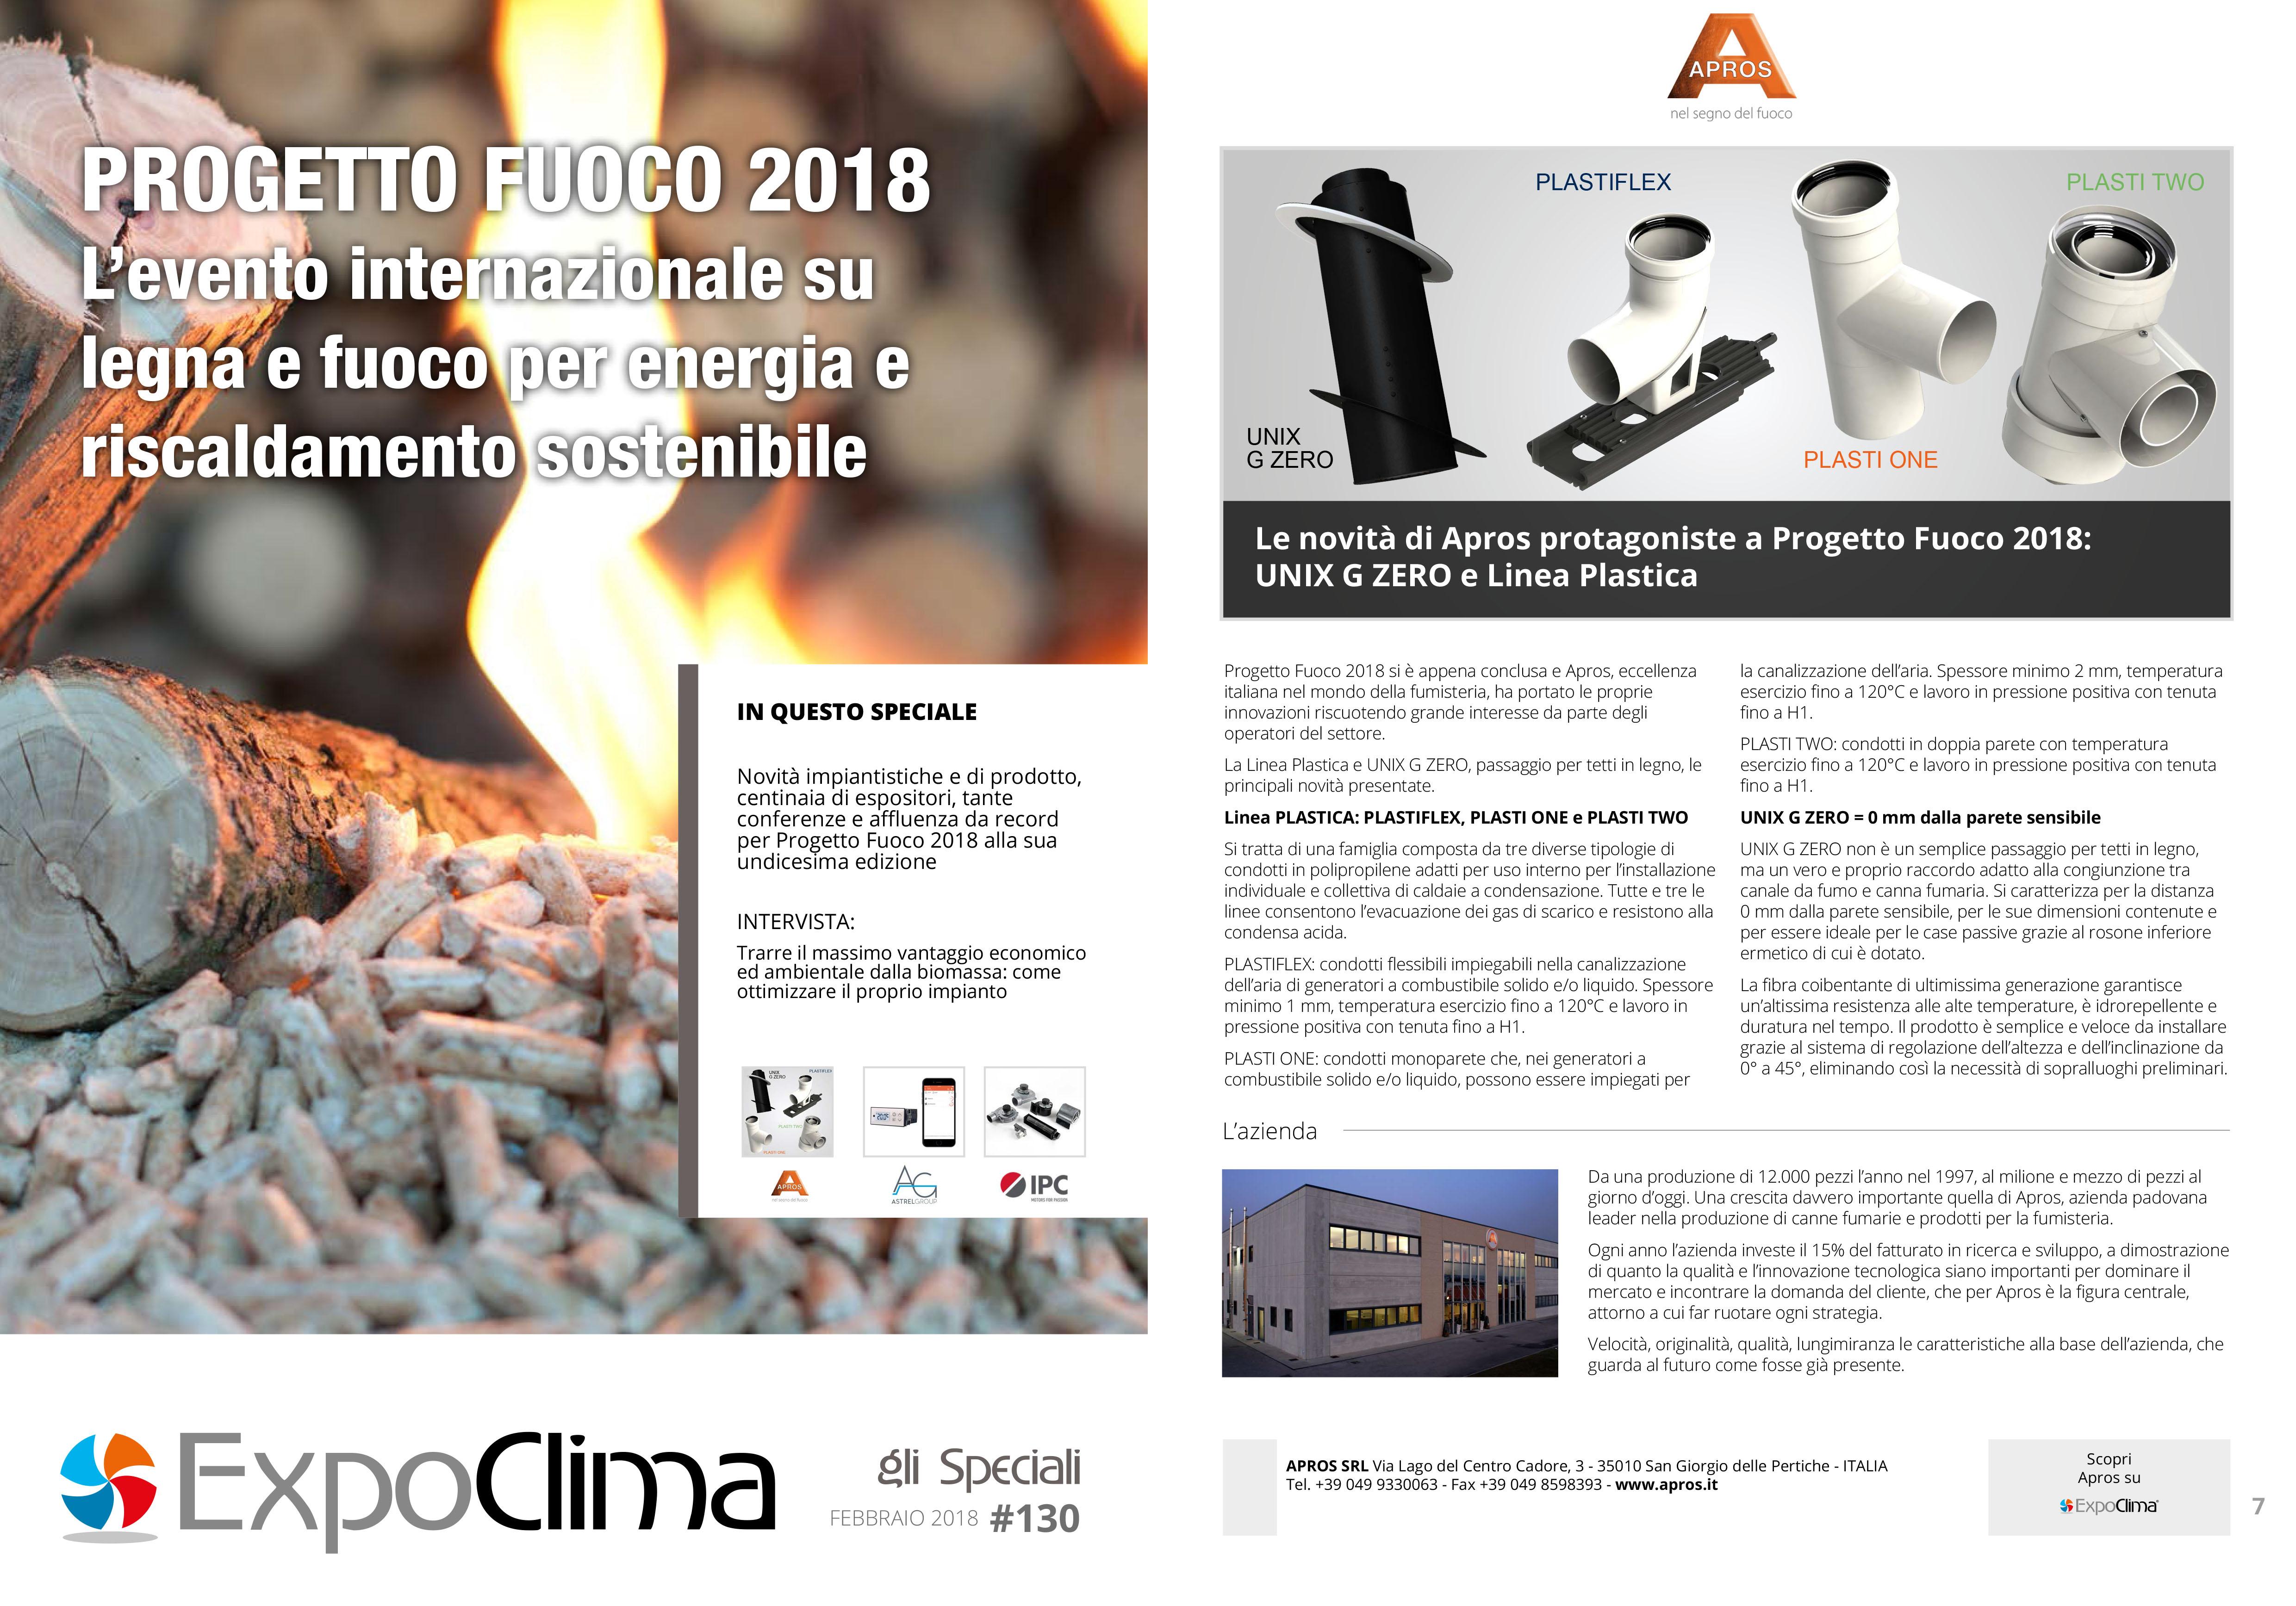 PROGETTO FUOCO 2018 L'evento internazionale su legna e fuoco per energia e riscaldamento sostenibile